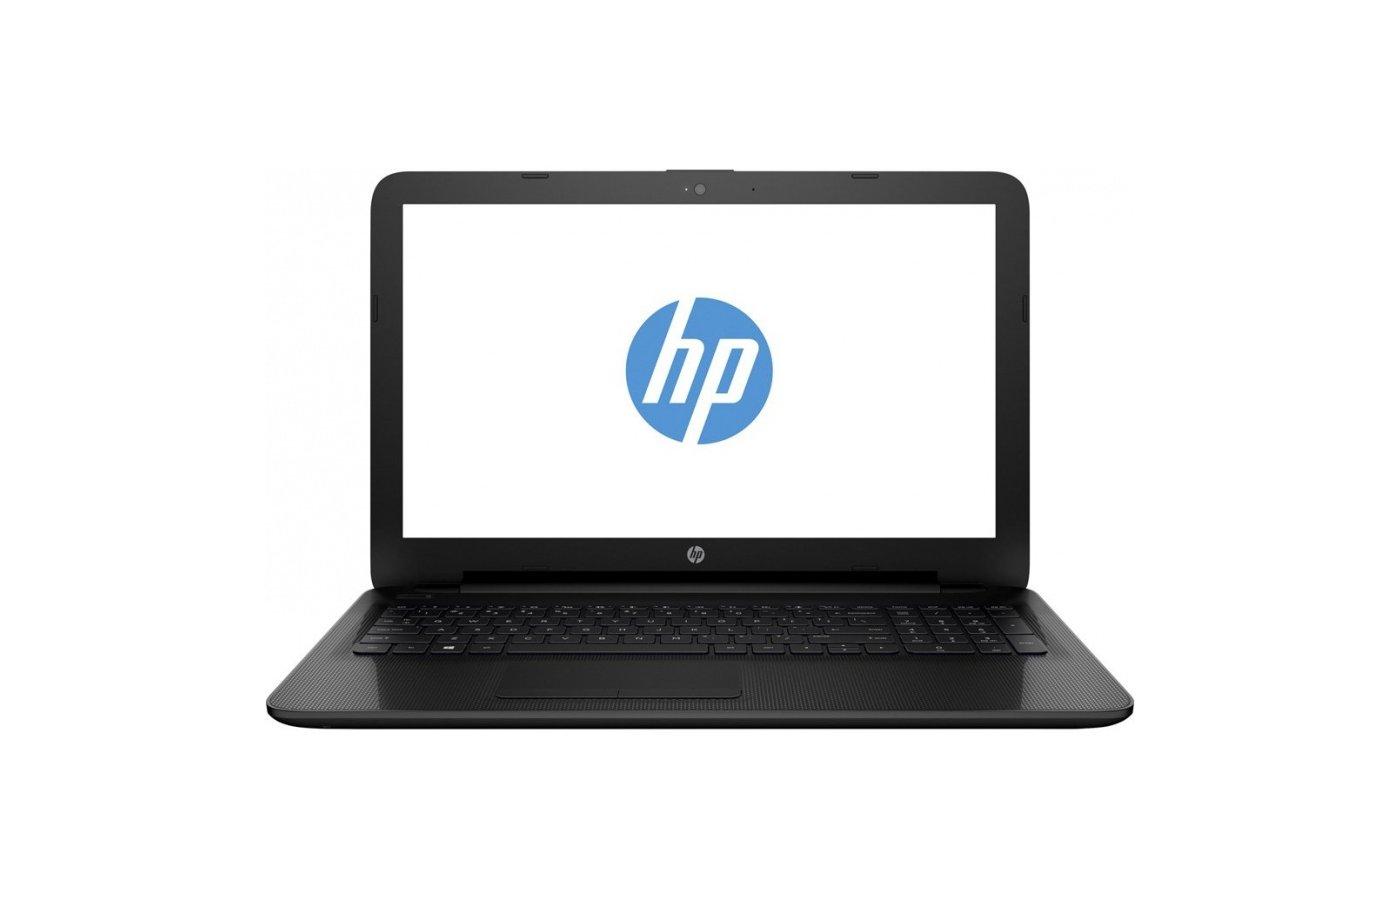 Ноутбук HP 17-x002ur /W7Y91EA/